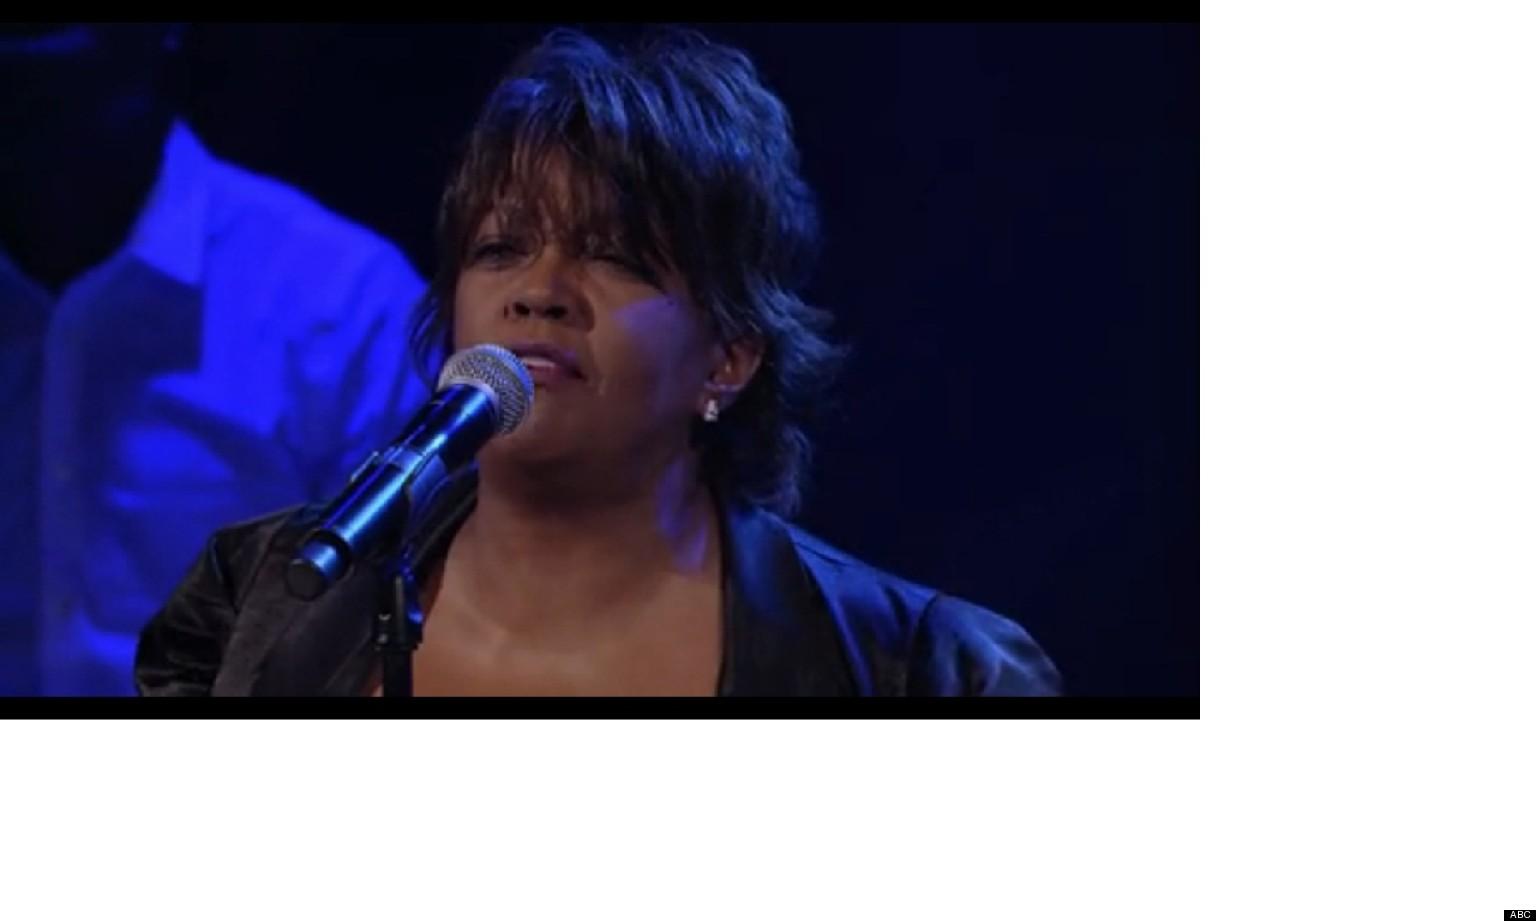 Anita Baker On 'Jimmy Kimmel Live': Singer Performs New